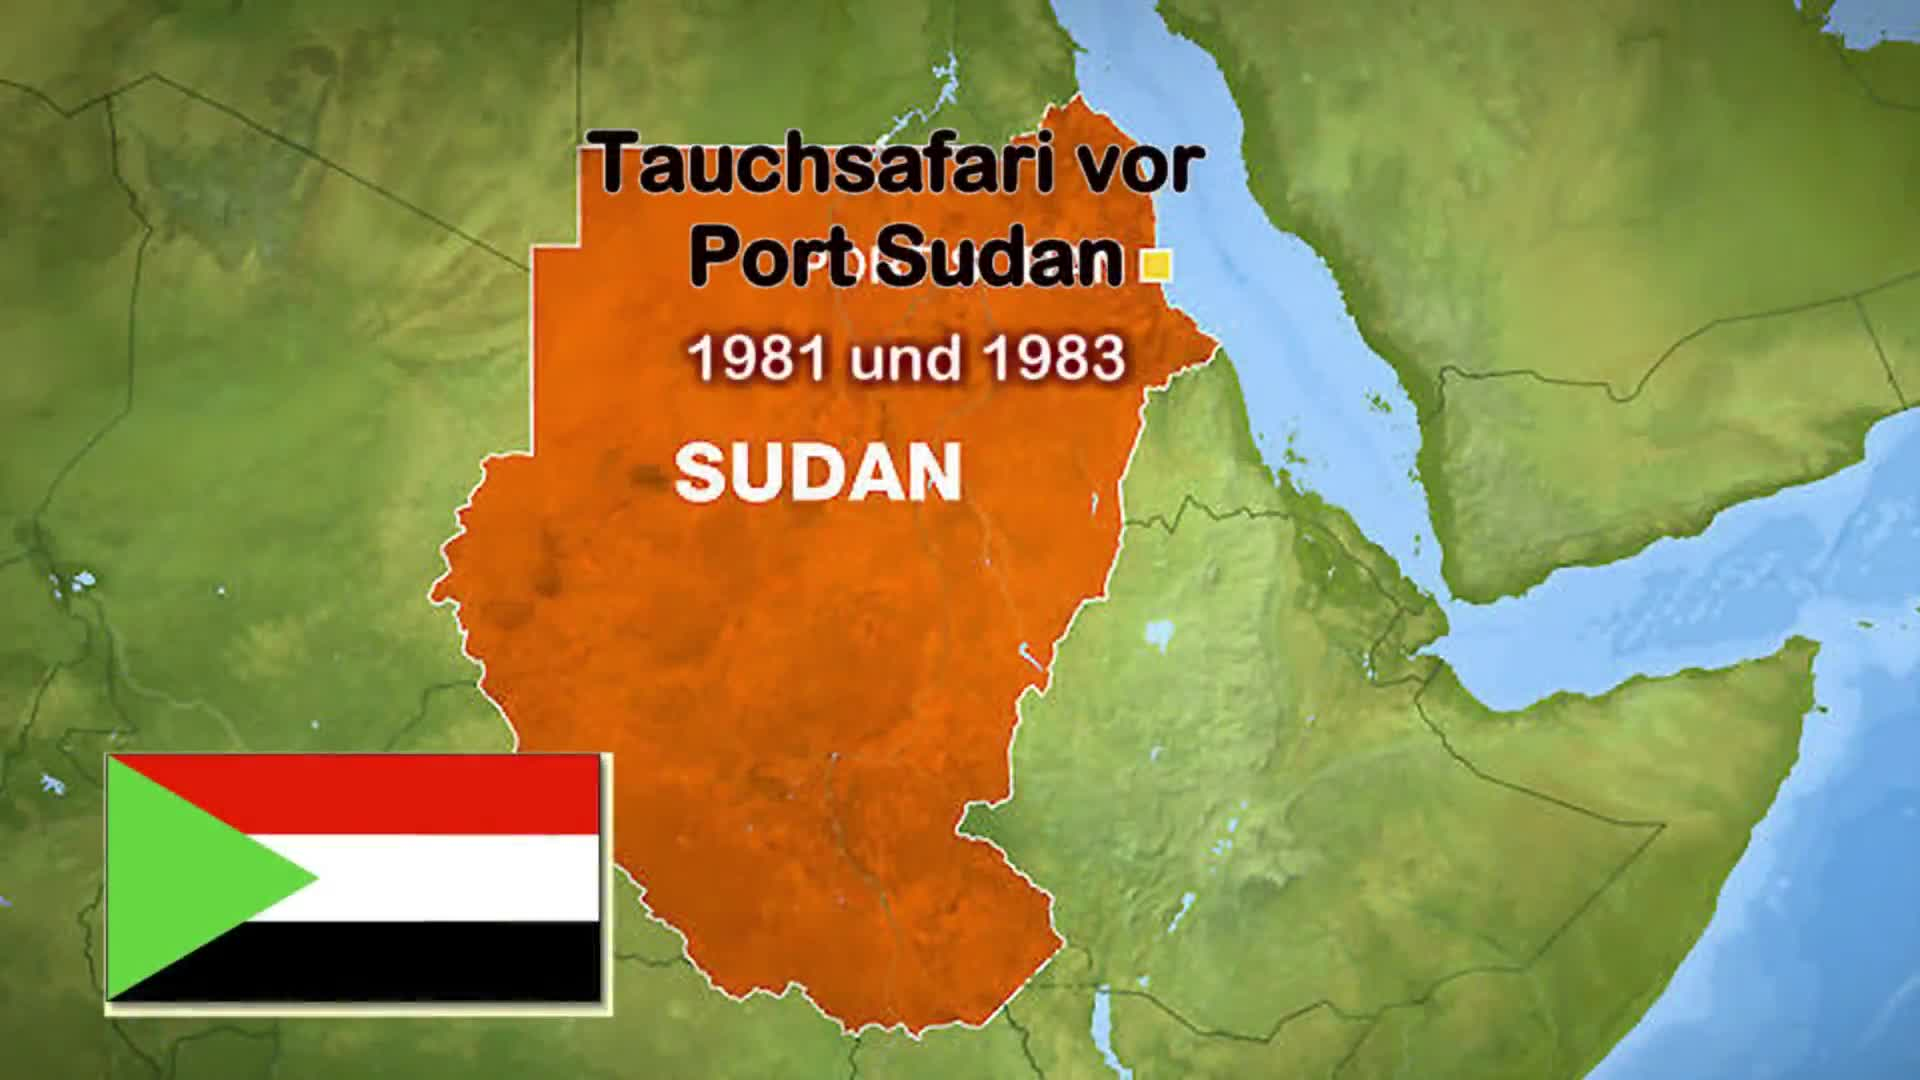 Tauchsafari vor Port Sudan